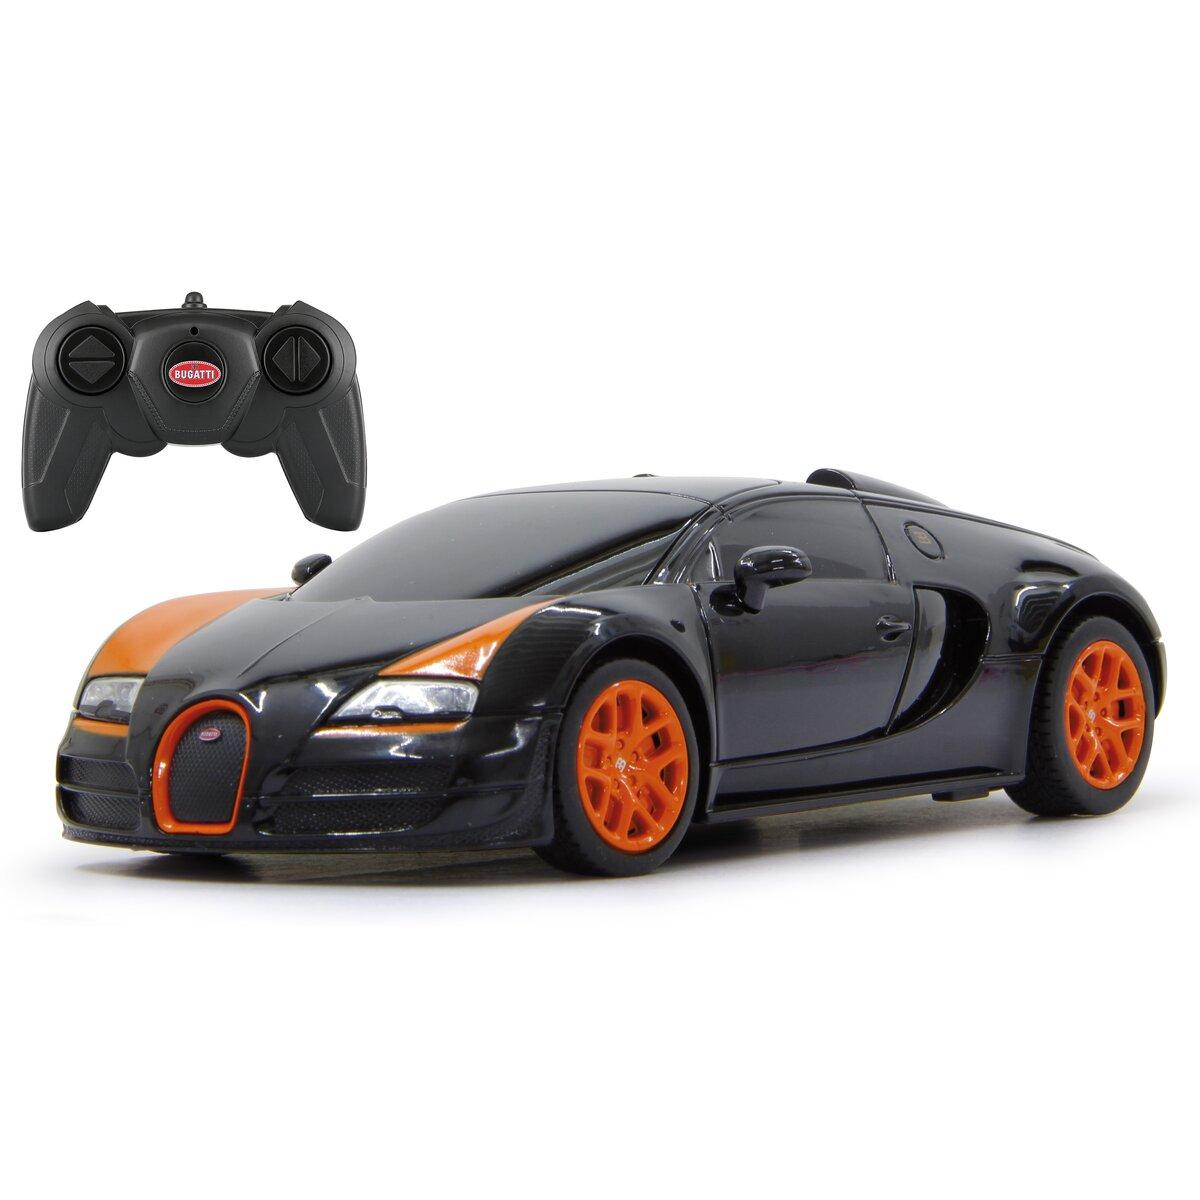 Bugatti Grand Sport Vitesse 1 24 Black 2 4g